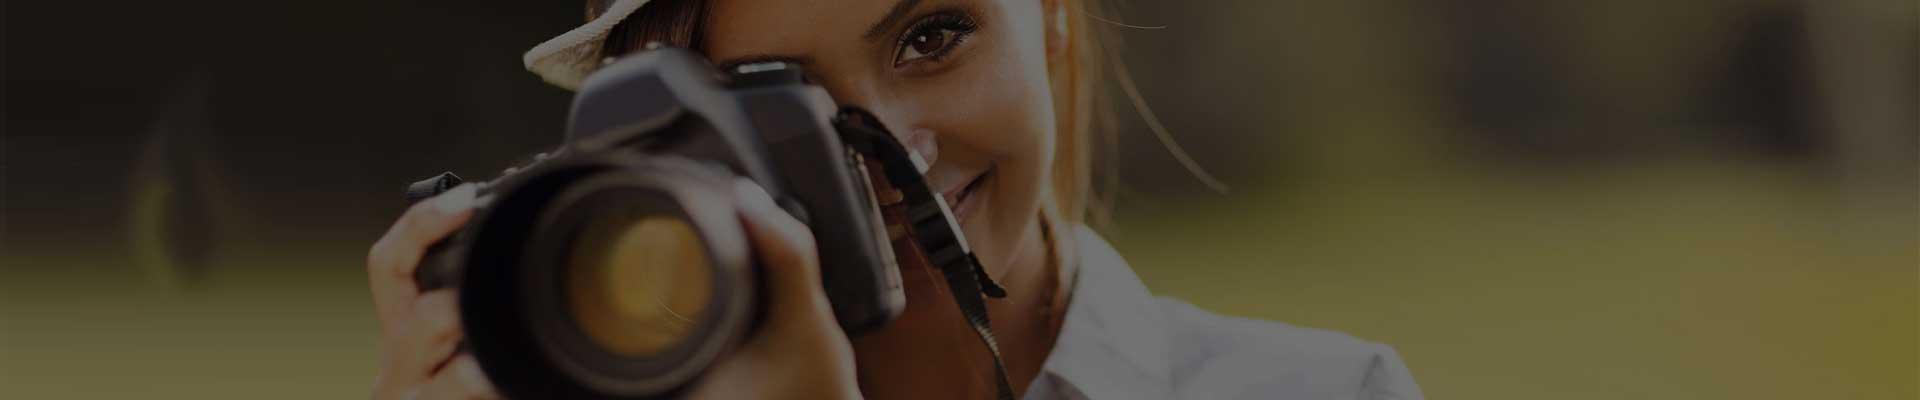 بازیابی فیلم و عکس دوربینهای دیجیتال و کارتهای حافظه